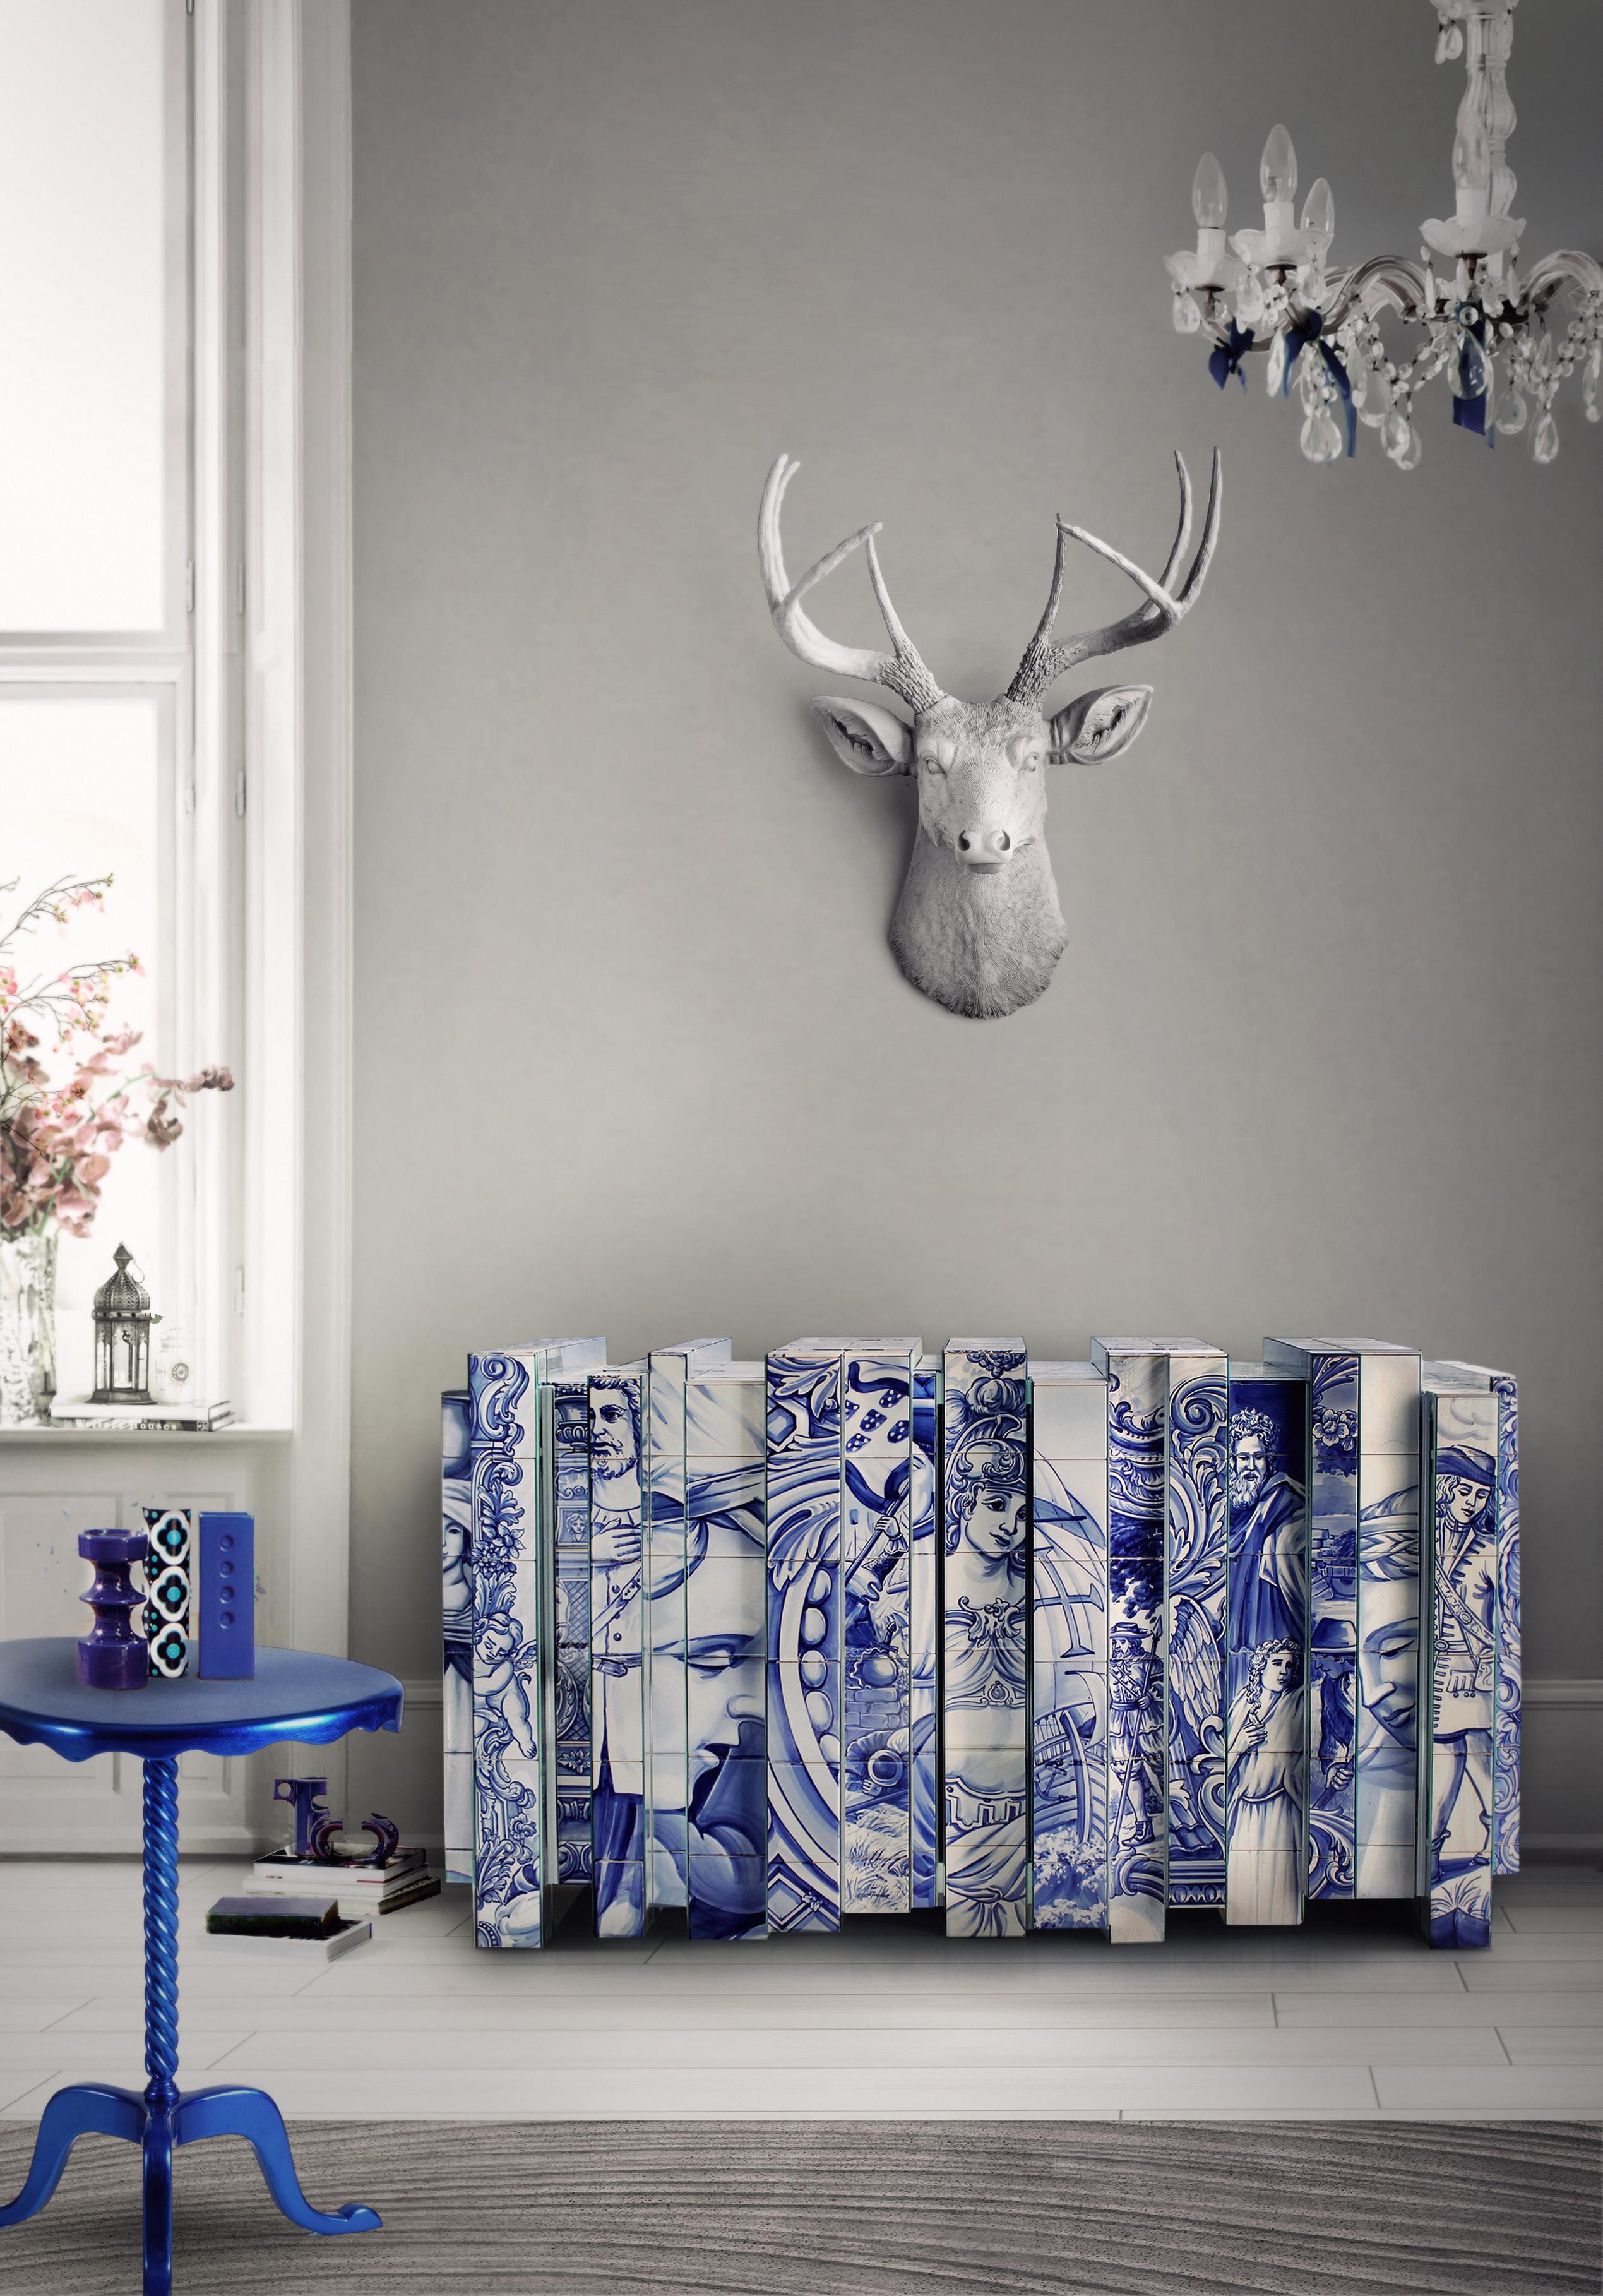 Einzigartige Design Möbel an die beste Reiseziele inspiriert Design Möbel Einzigartige Design Möbel an die beste Reiseziele inspiriert heritage sideboard